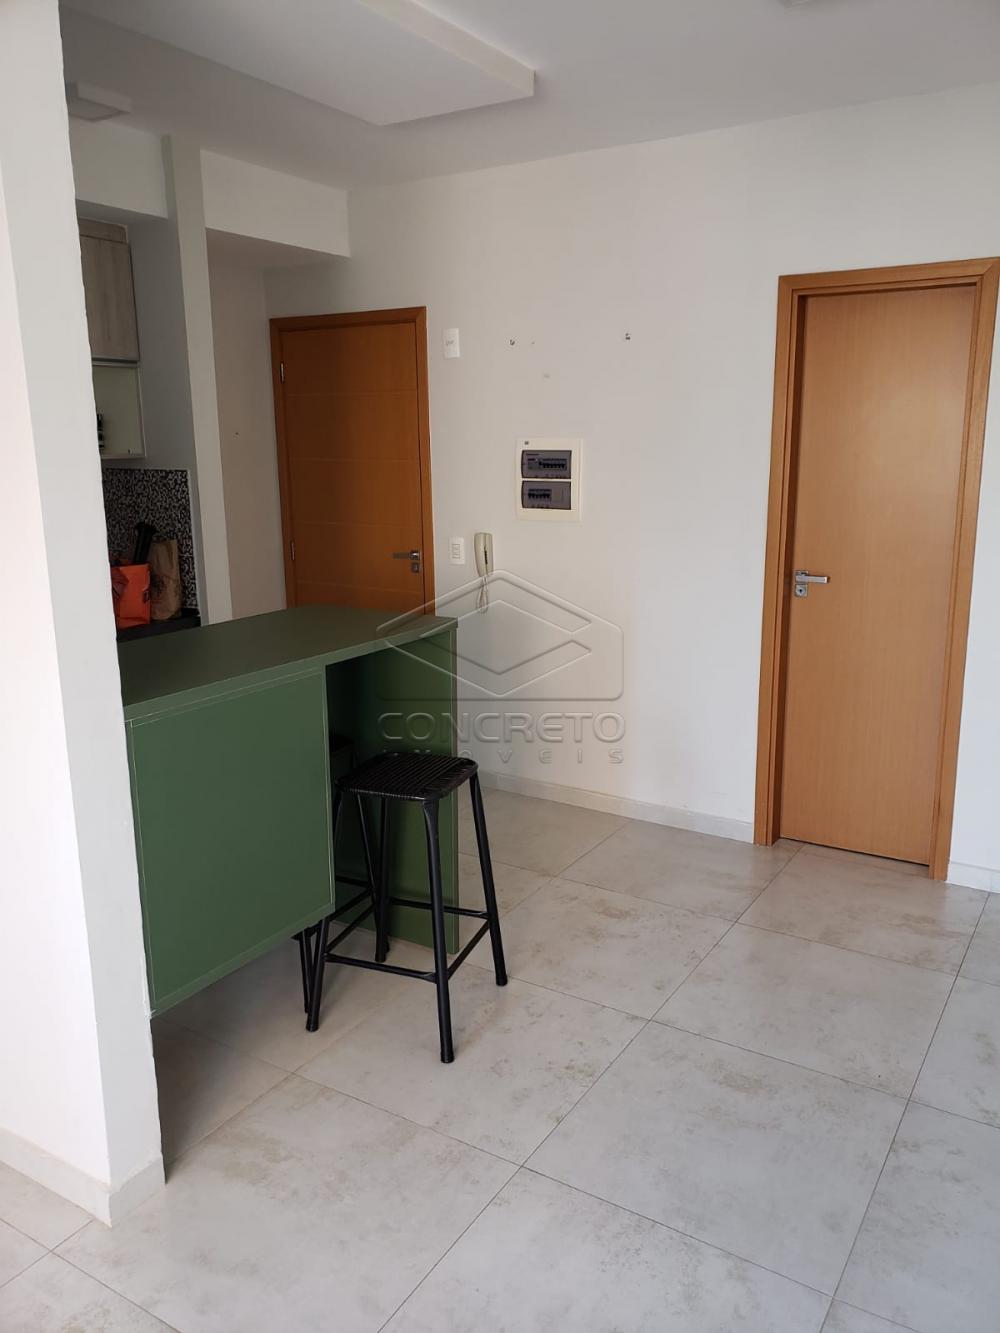 Comprar Apartamento / Padrão em Bauru R$ 360.000,00 - Foto 15